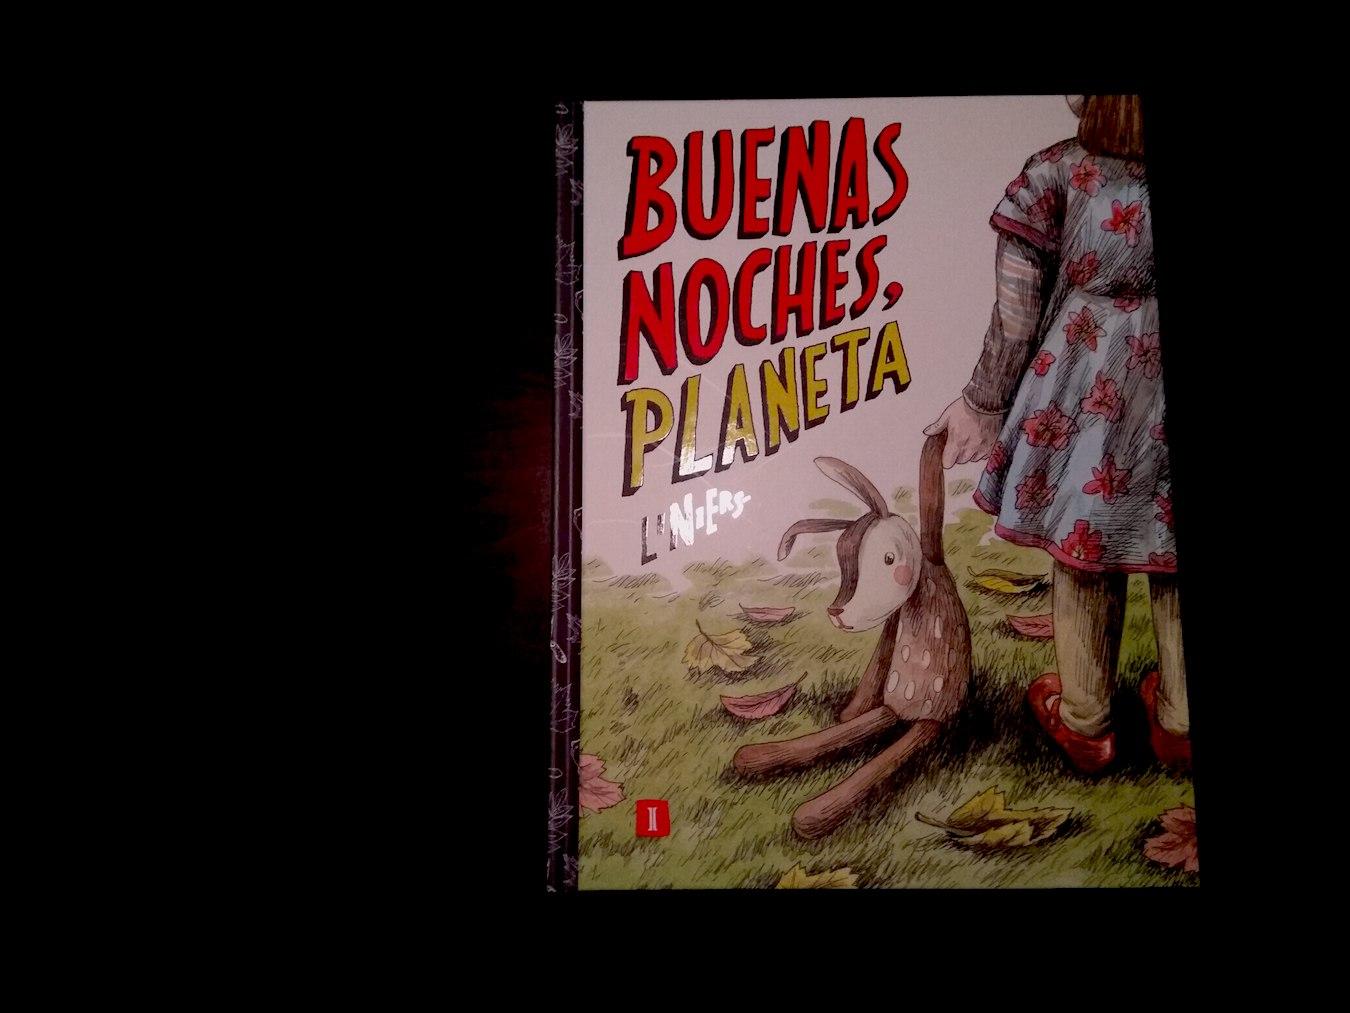 Un breve y enorme cuento de Liniers